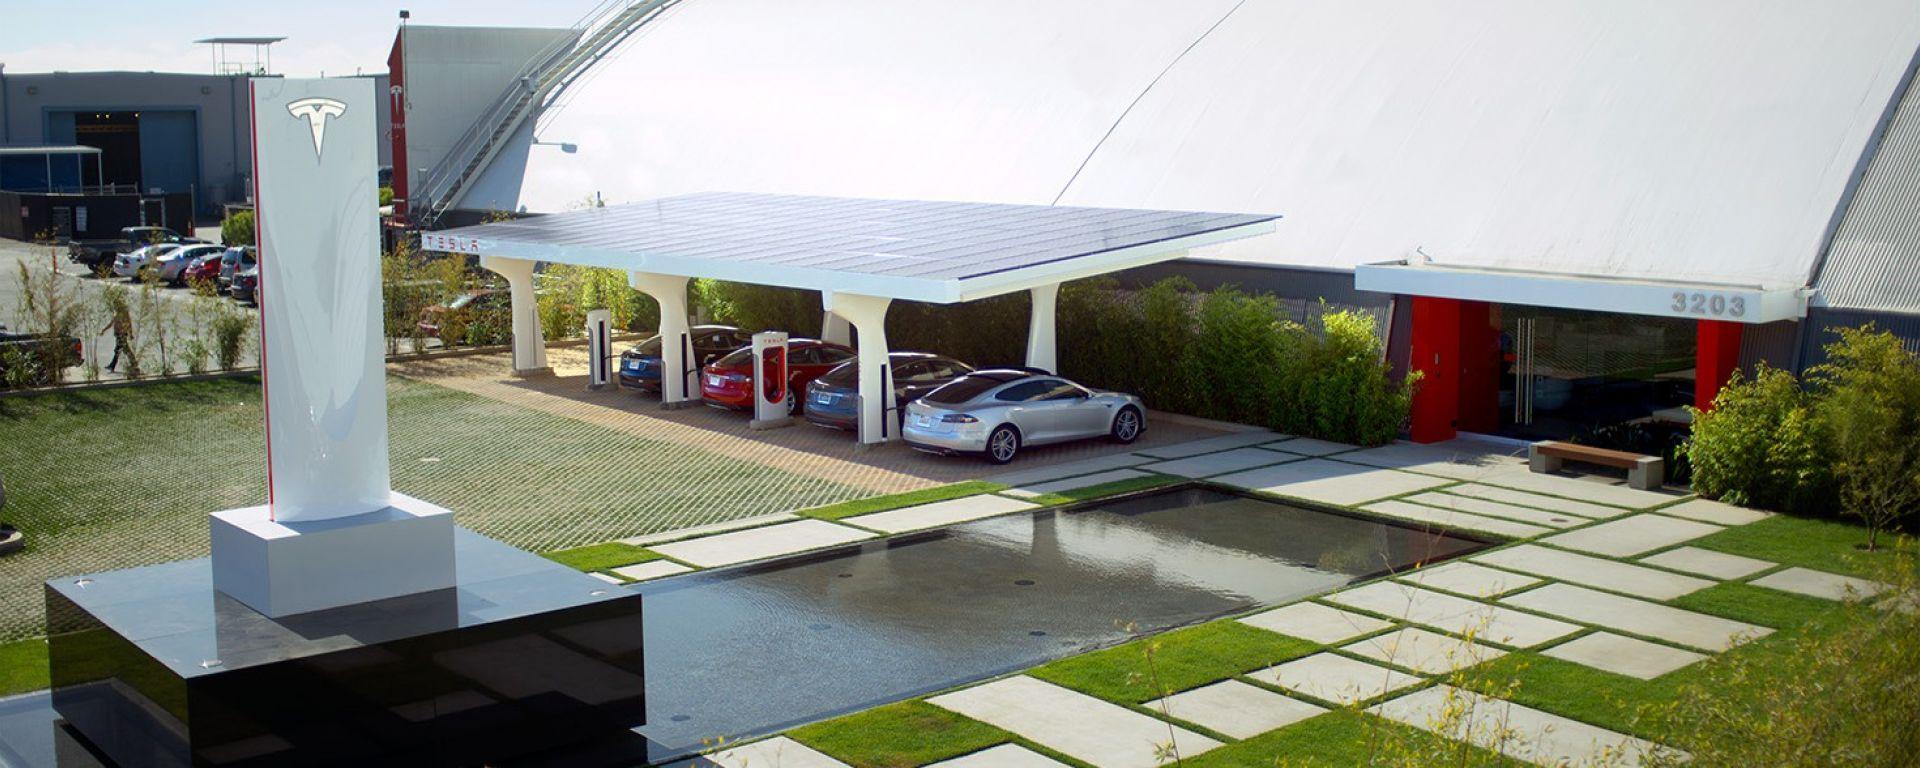 Tesla: una stazione di ricarica Supercharger